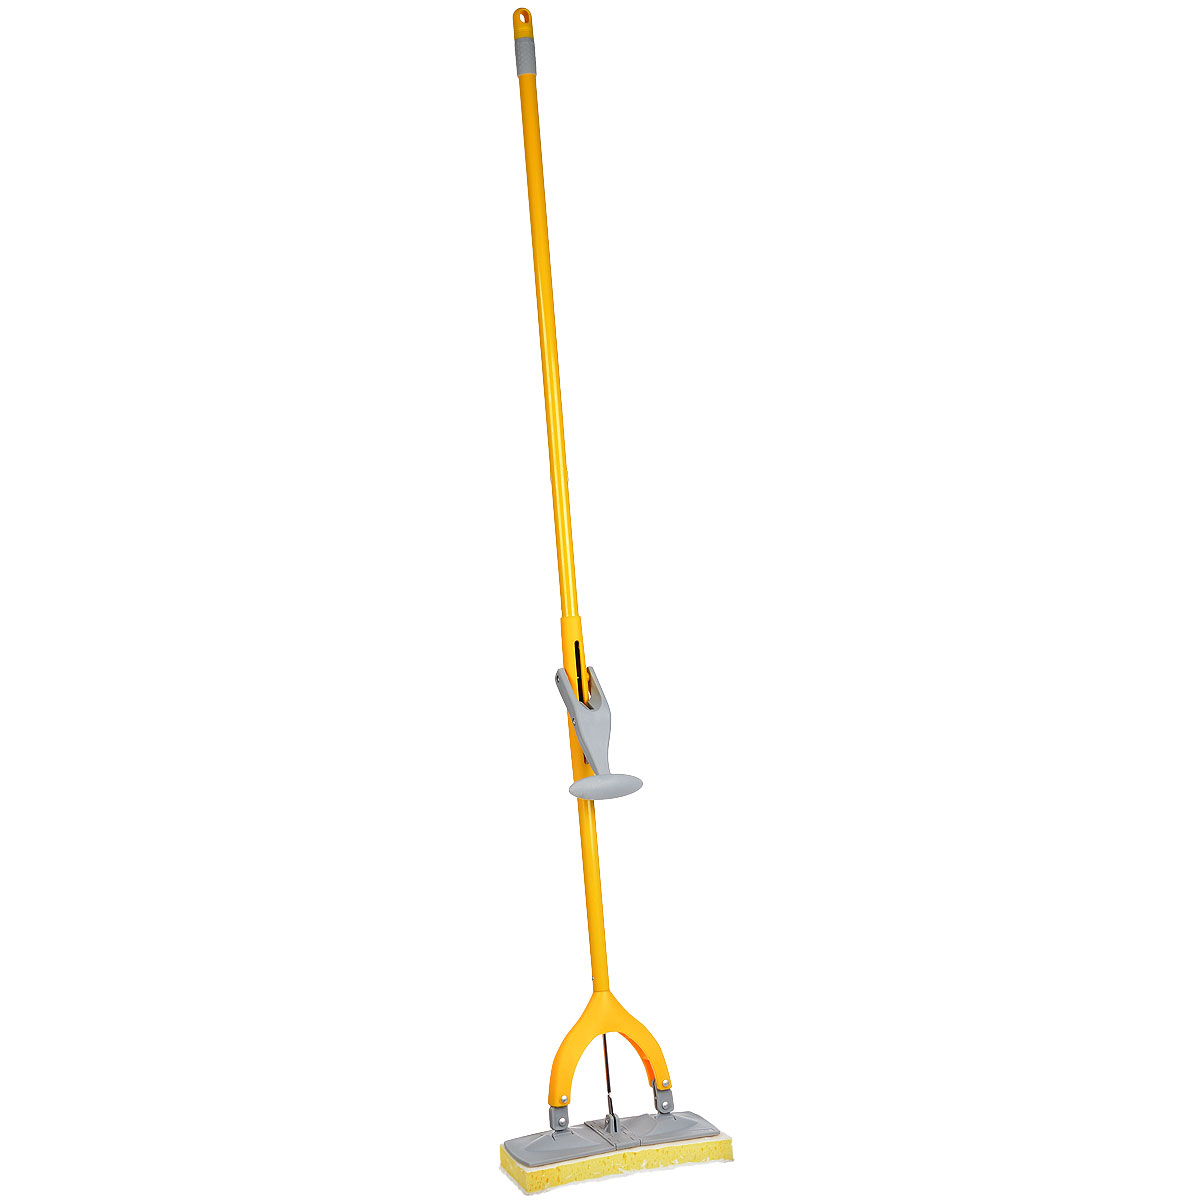 Поломой Apex Squizzo, с отжимом, цвет: серый, желтый швабра apex minor с отжимом цвет желтый серый 25 см